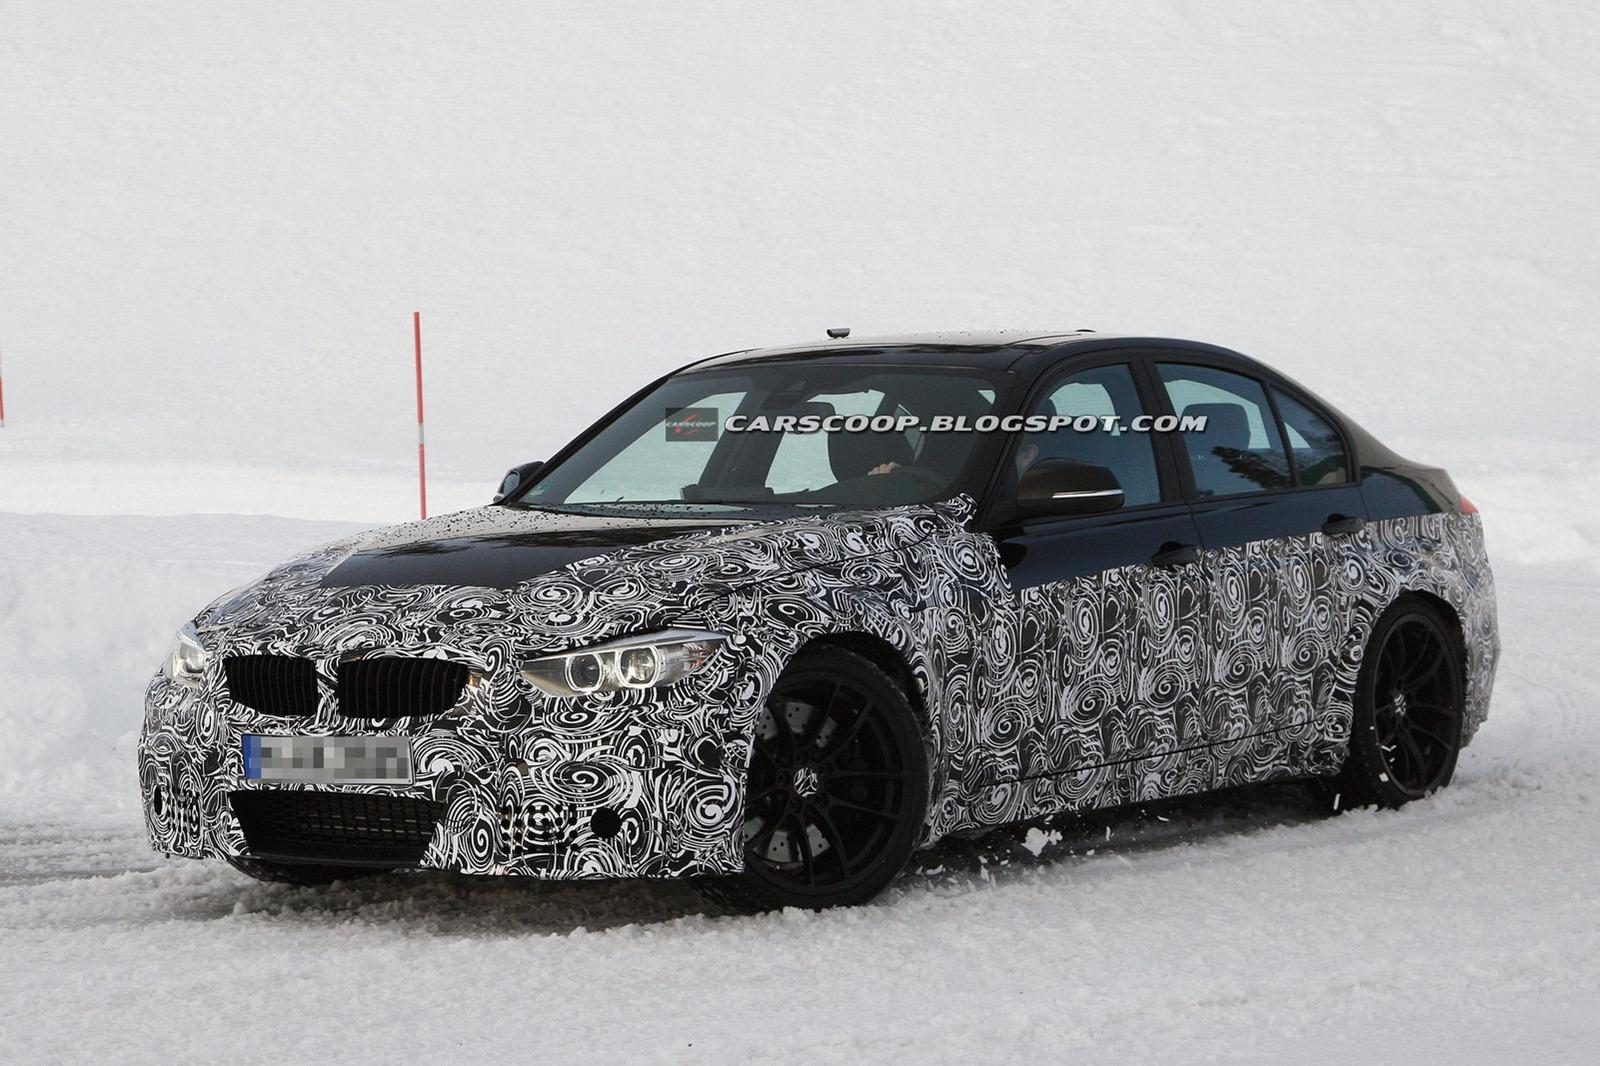 2014 F30 BMW M3 Sedan